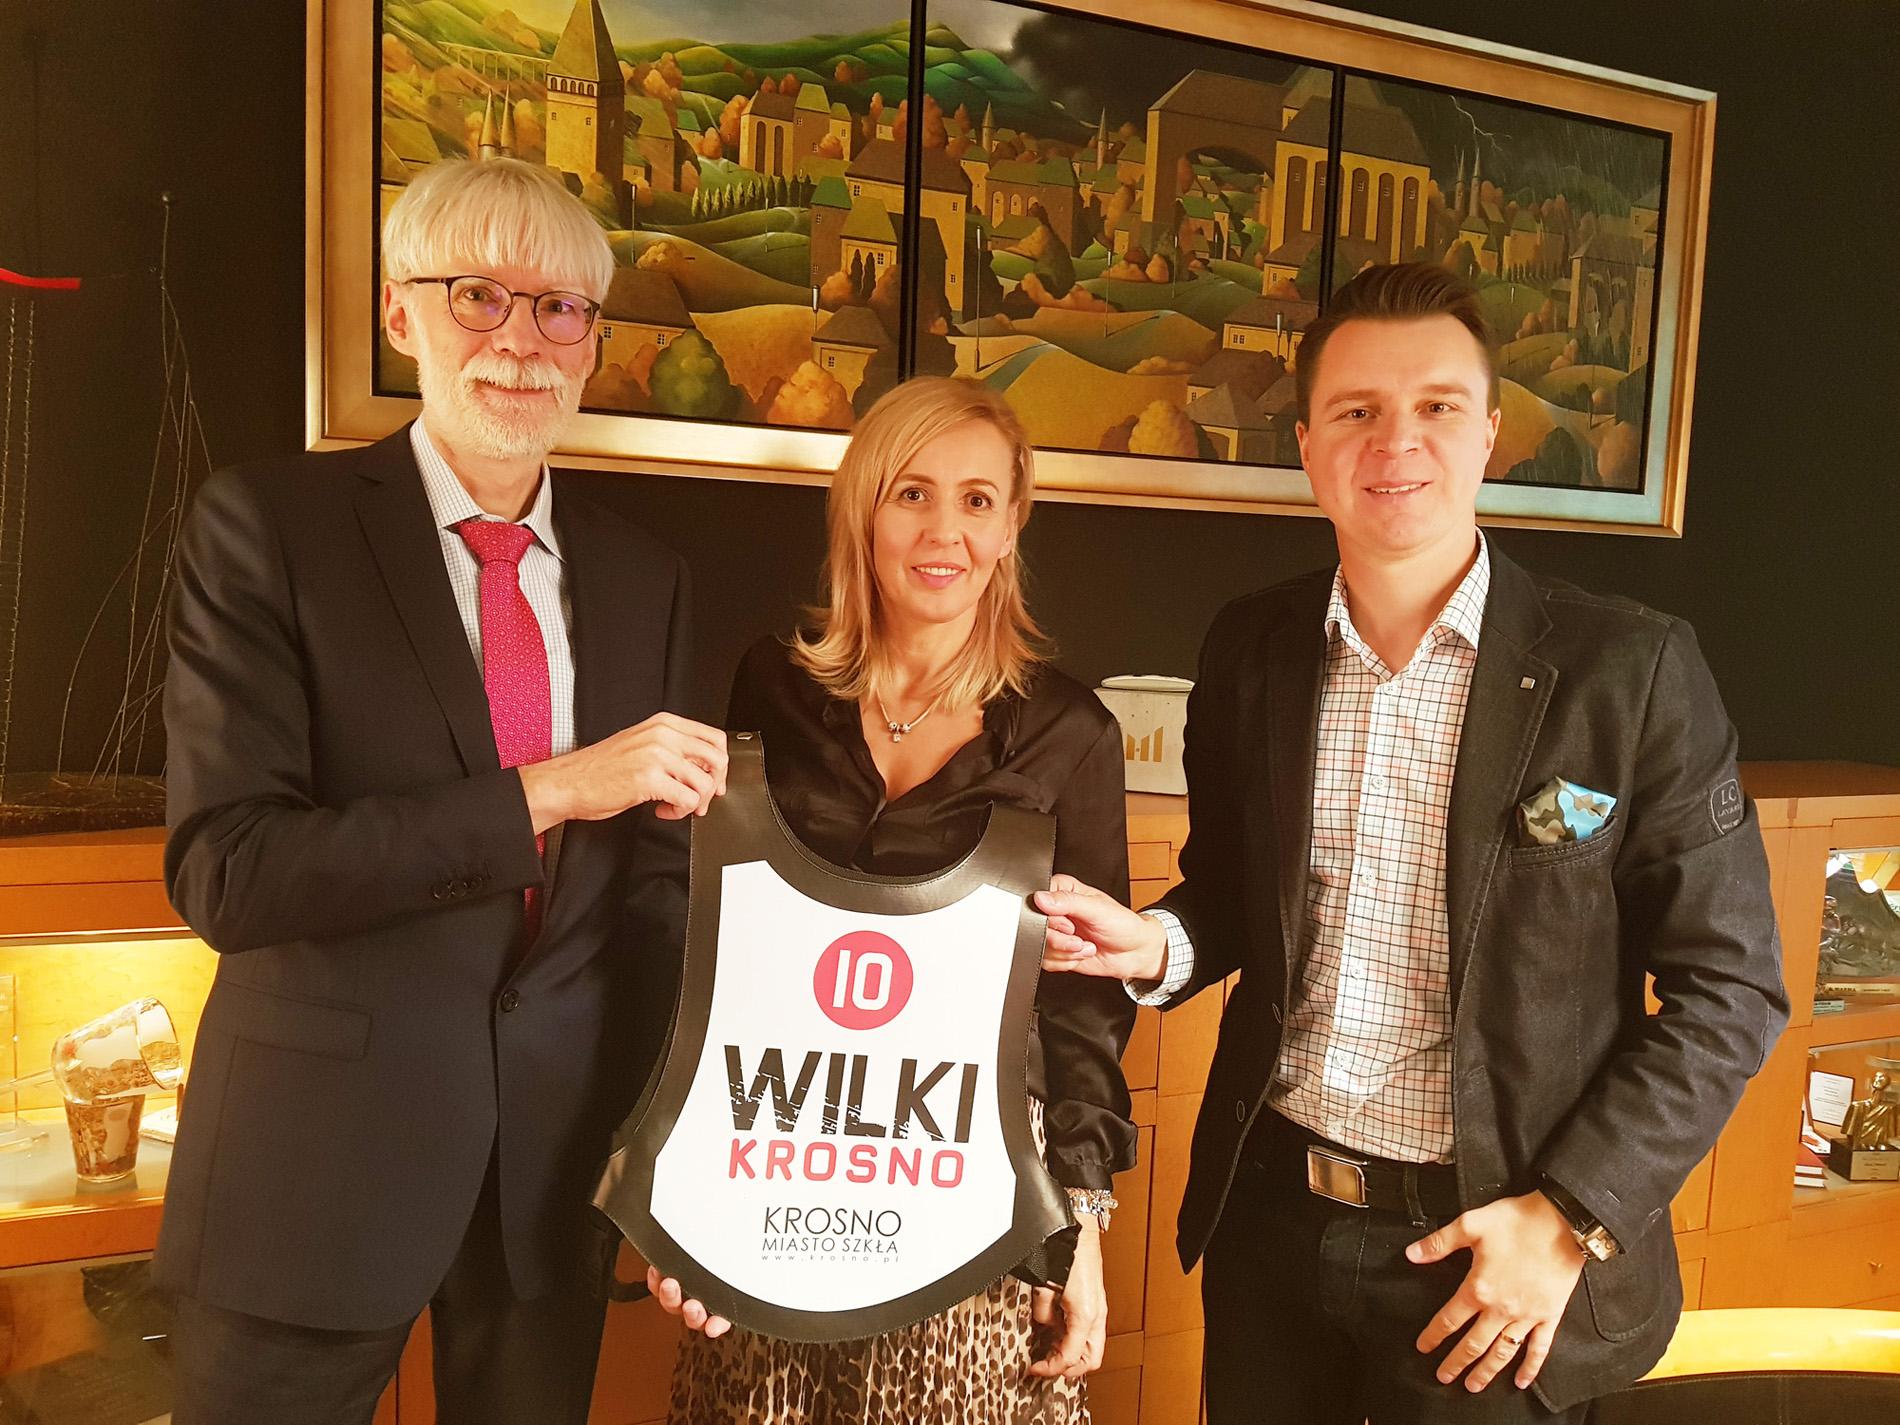 Foto Marma Polskie Folie Wilki Krosno